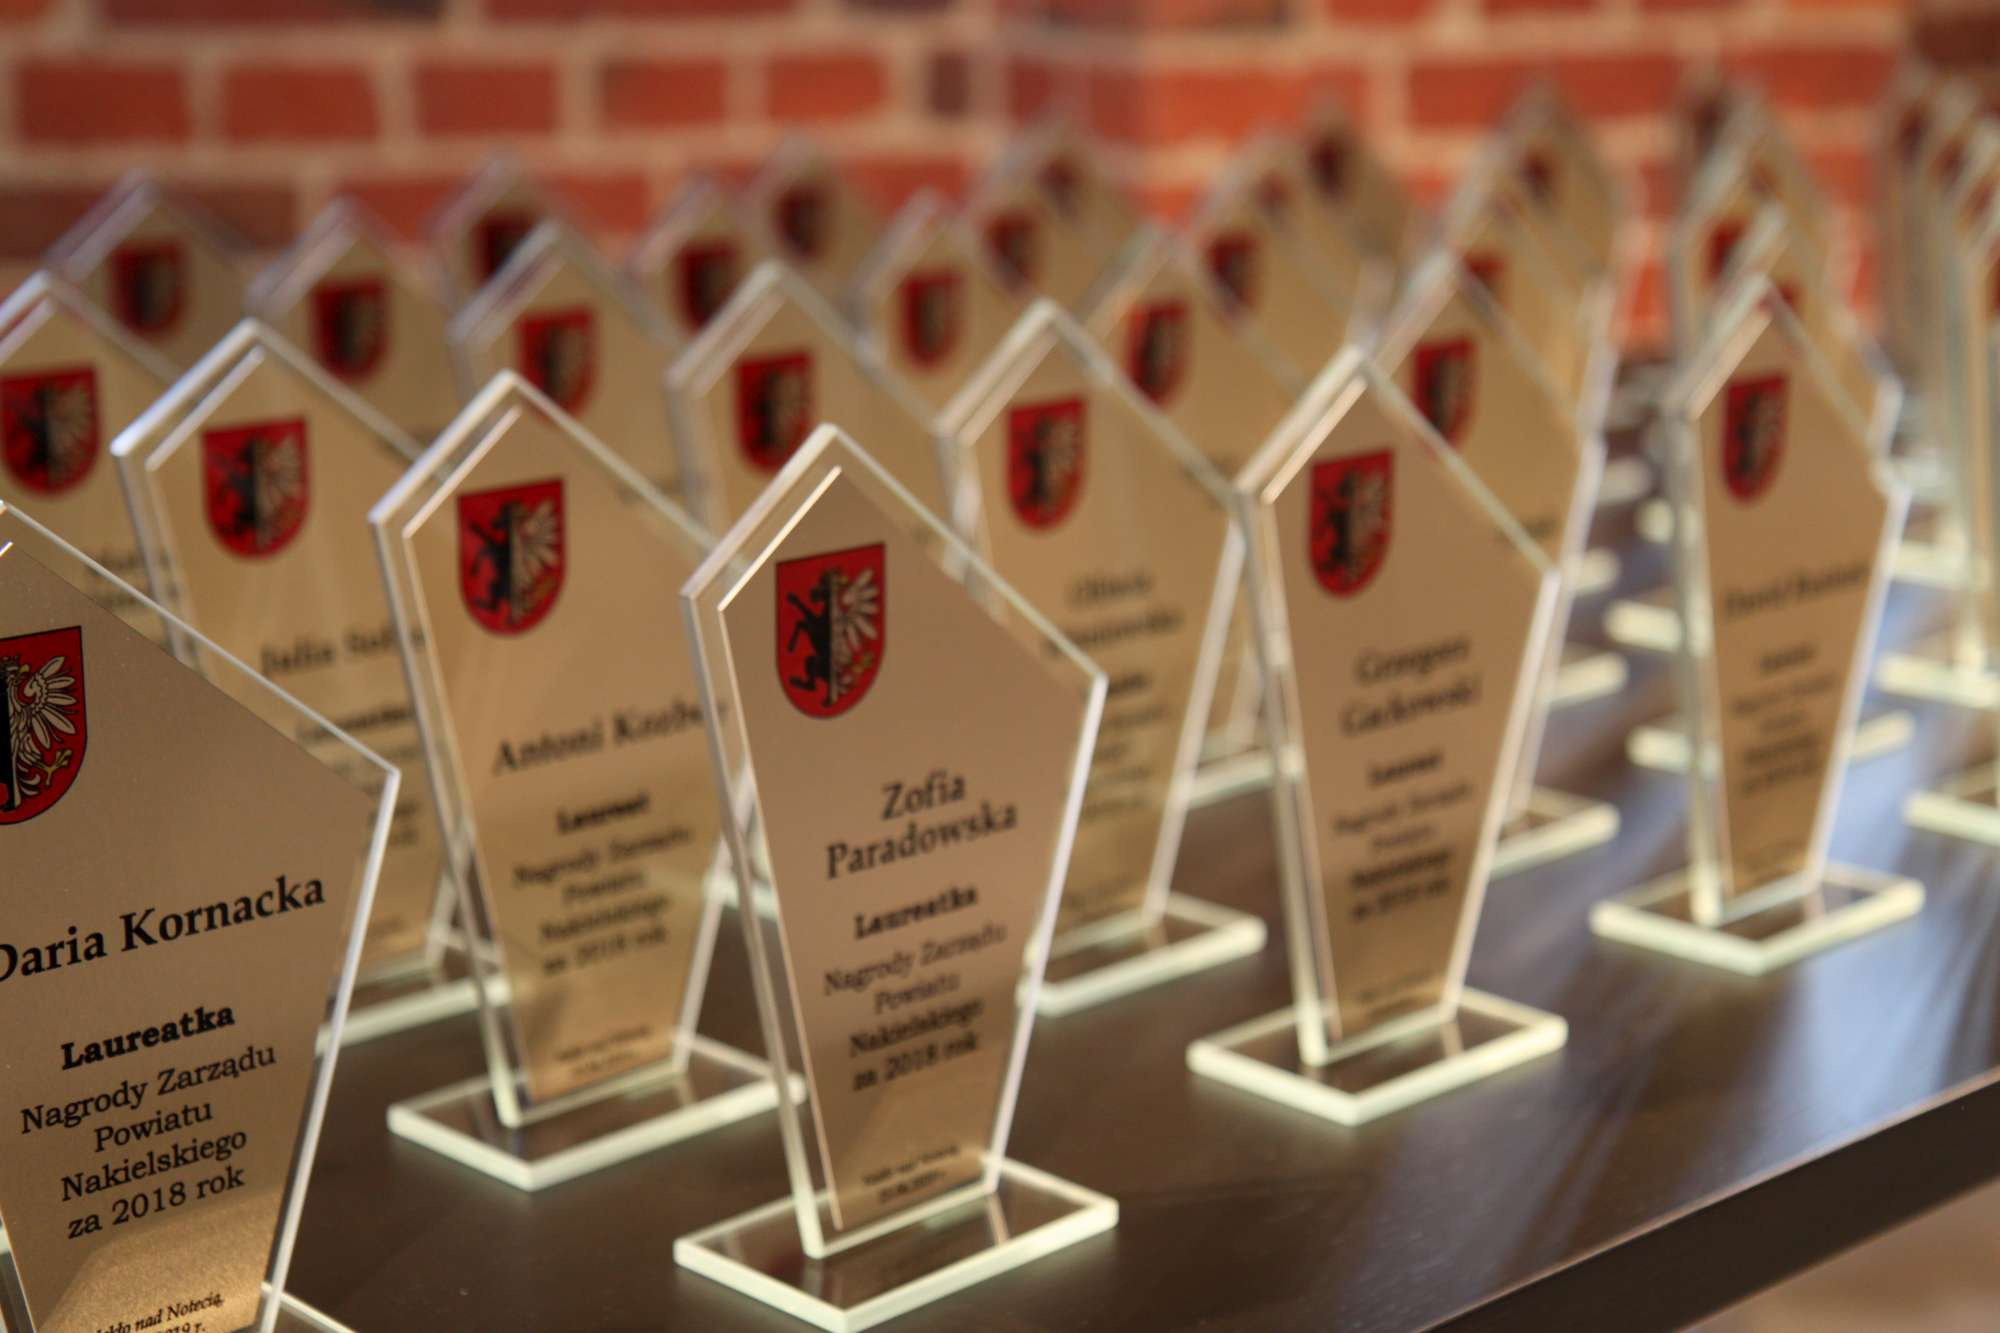 Nagrody Zarządu Powiatu Nakielskiego 2019